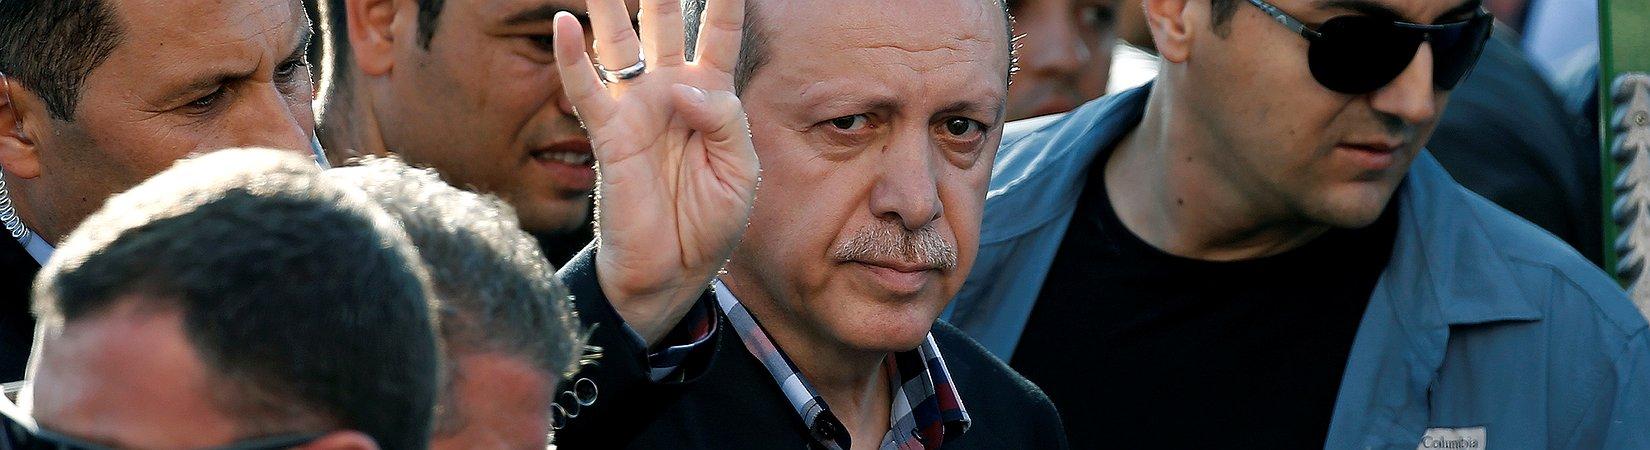 La UE acusa al gobierno turco de represión